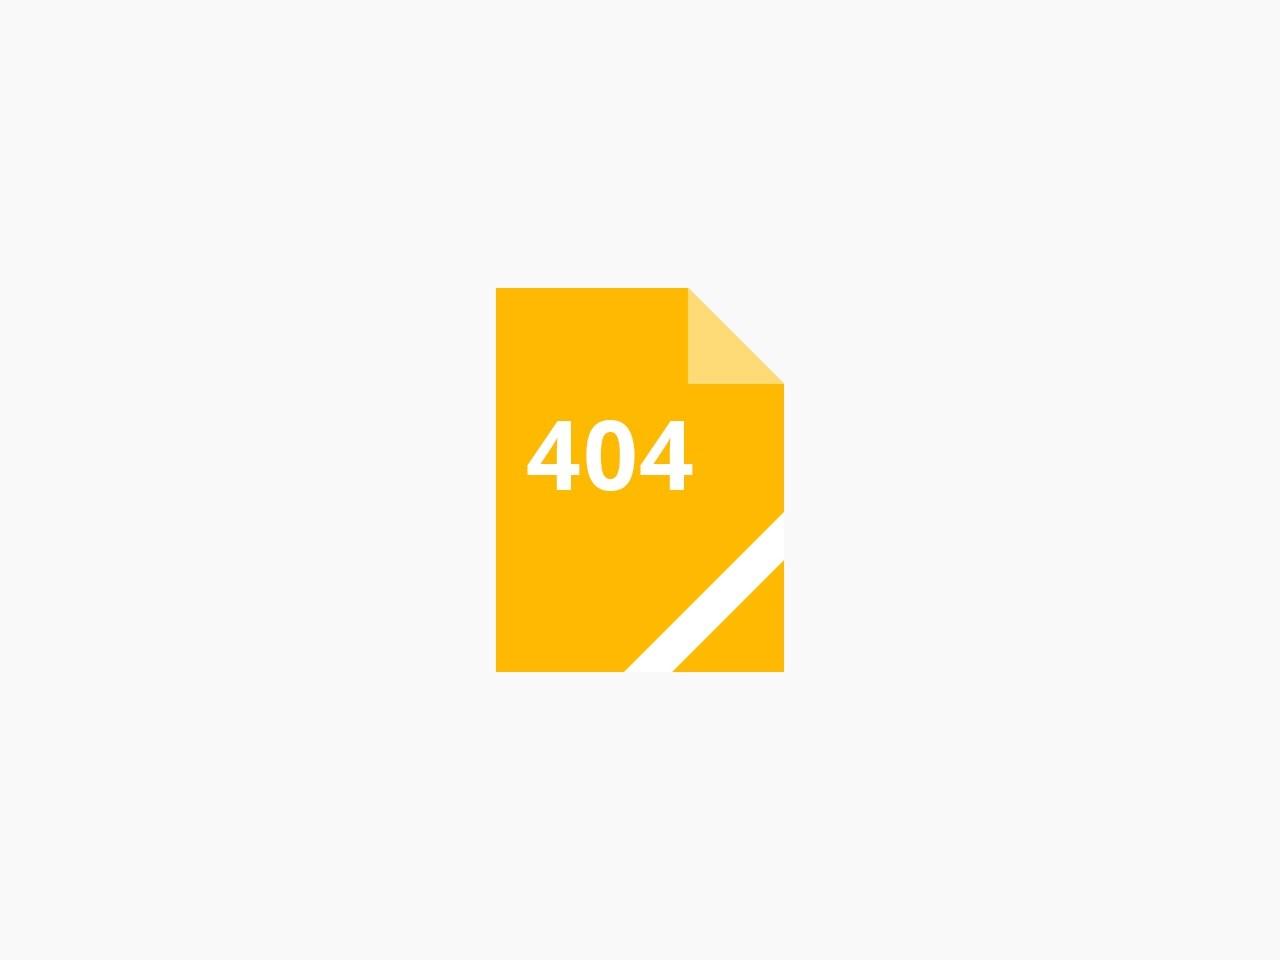 ジャイアントホビー -GiantHobby- 高円寺のミニチュアゲームSHOP - ジャイアントホビー -GiantHobby- 高円寺のミニチュアゲームSHOP